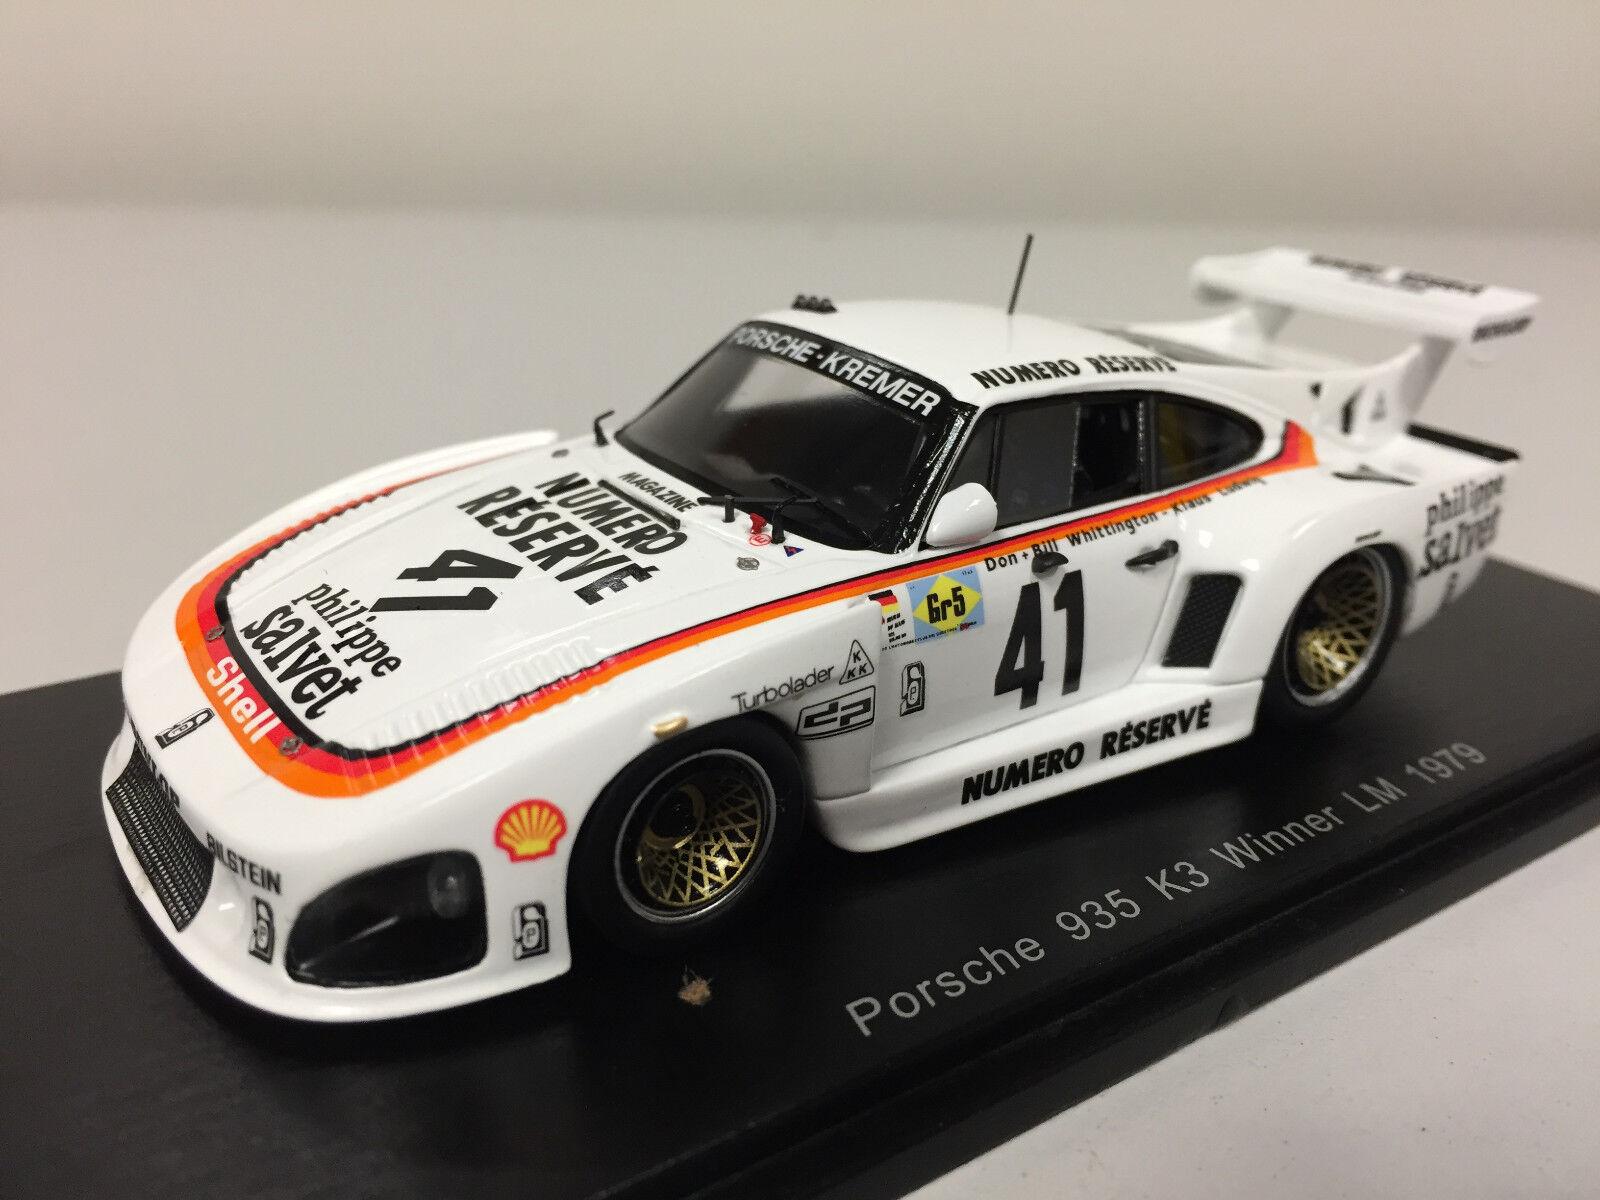 Spark porsche 935 k3   41  winner 24h of le hommes 1979 1 43 s43lm79  tout en haute qualité et prix bas